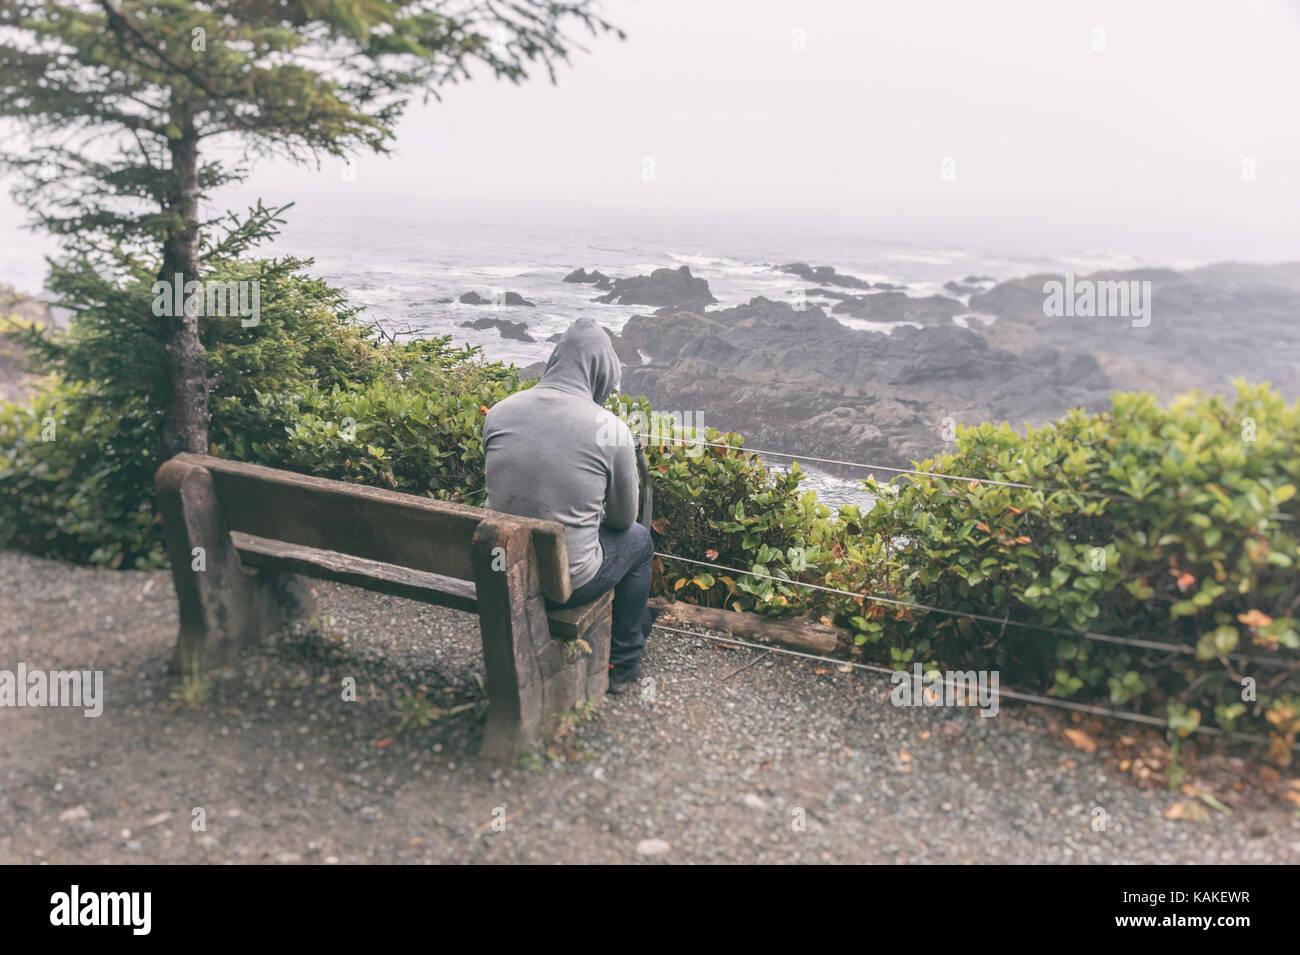 Triste e solitaria uomo seduto su un banco di lavoro affacciato sul mare sull'isola di Vancouver Immagini Stock